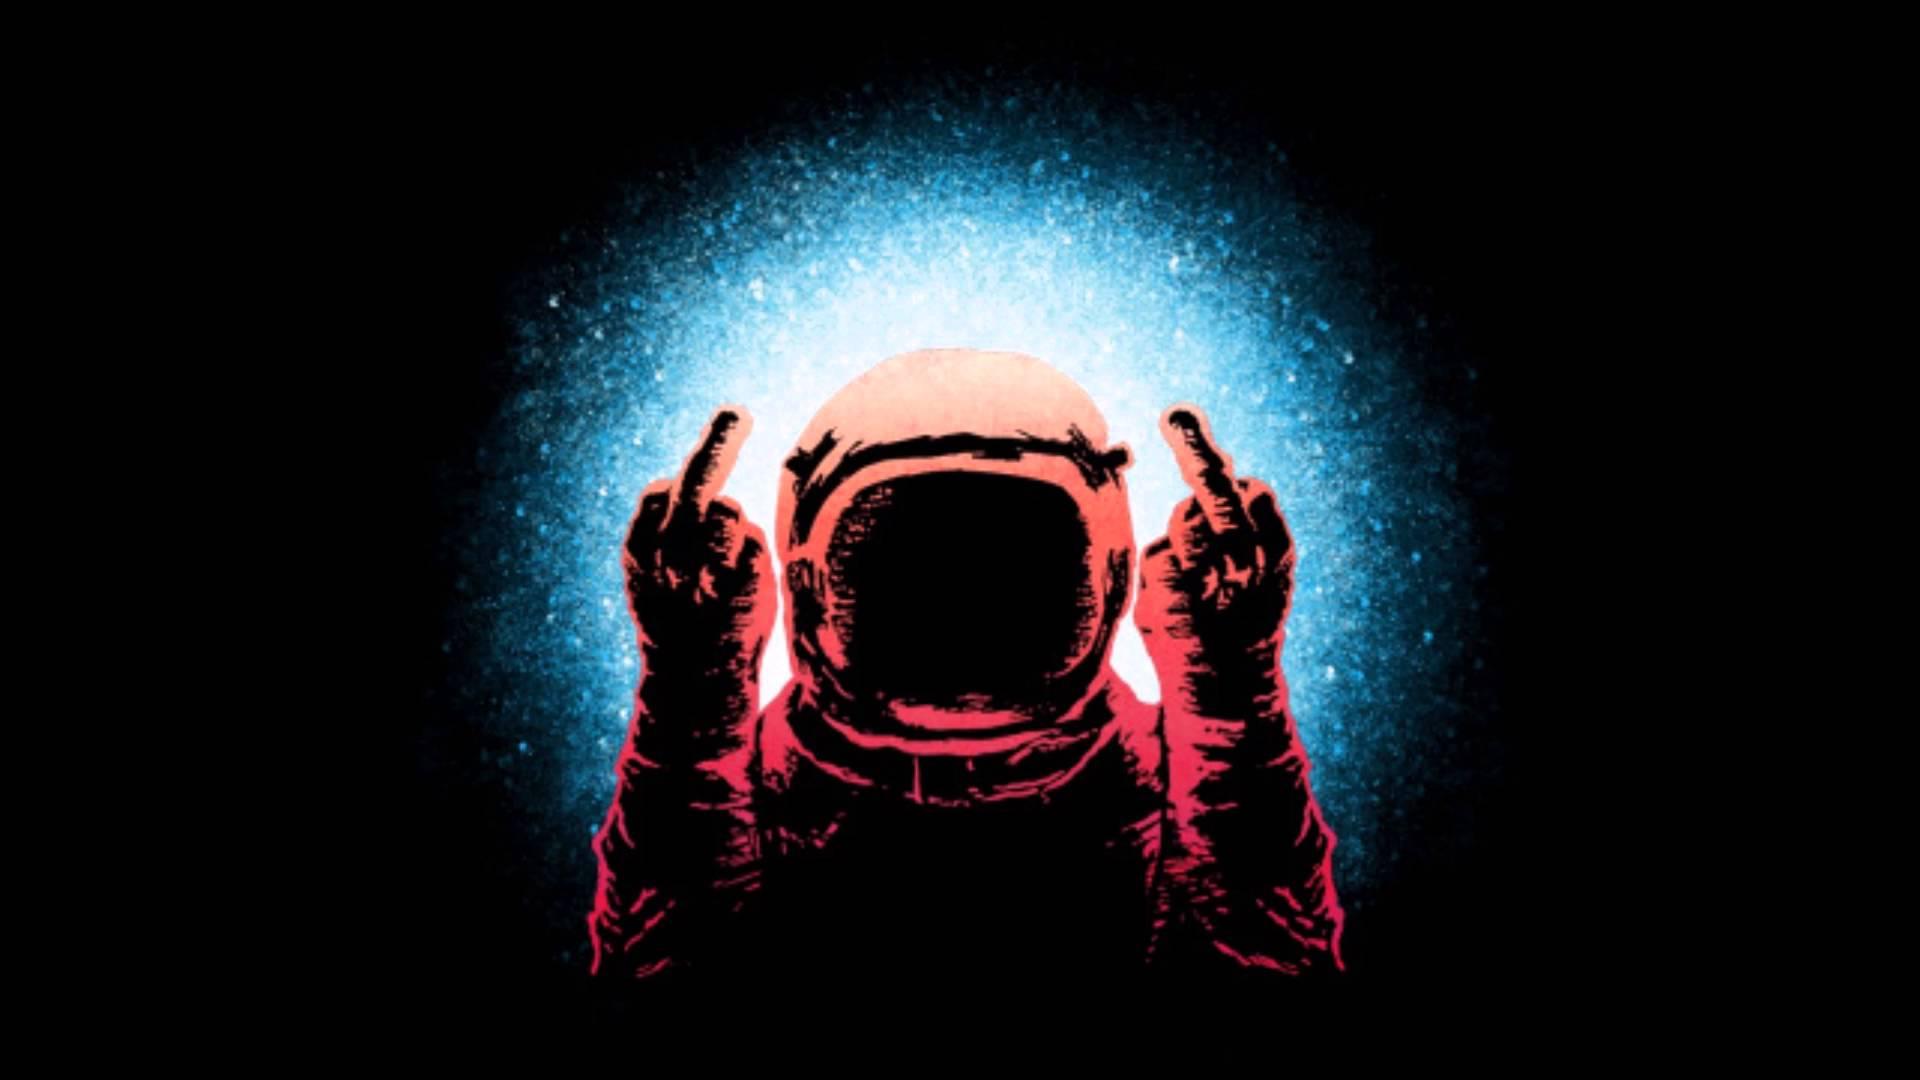 тест какой ты космический колонист отвратительные мужики disgusting men